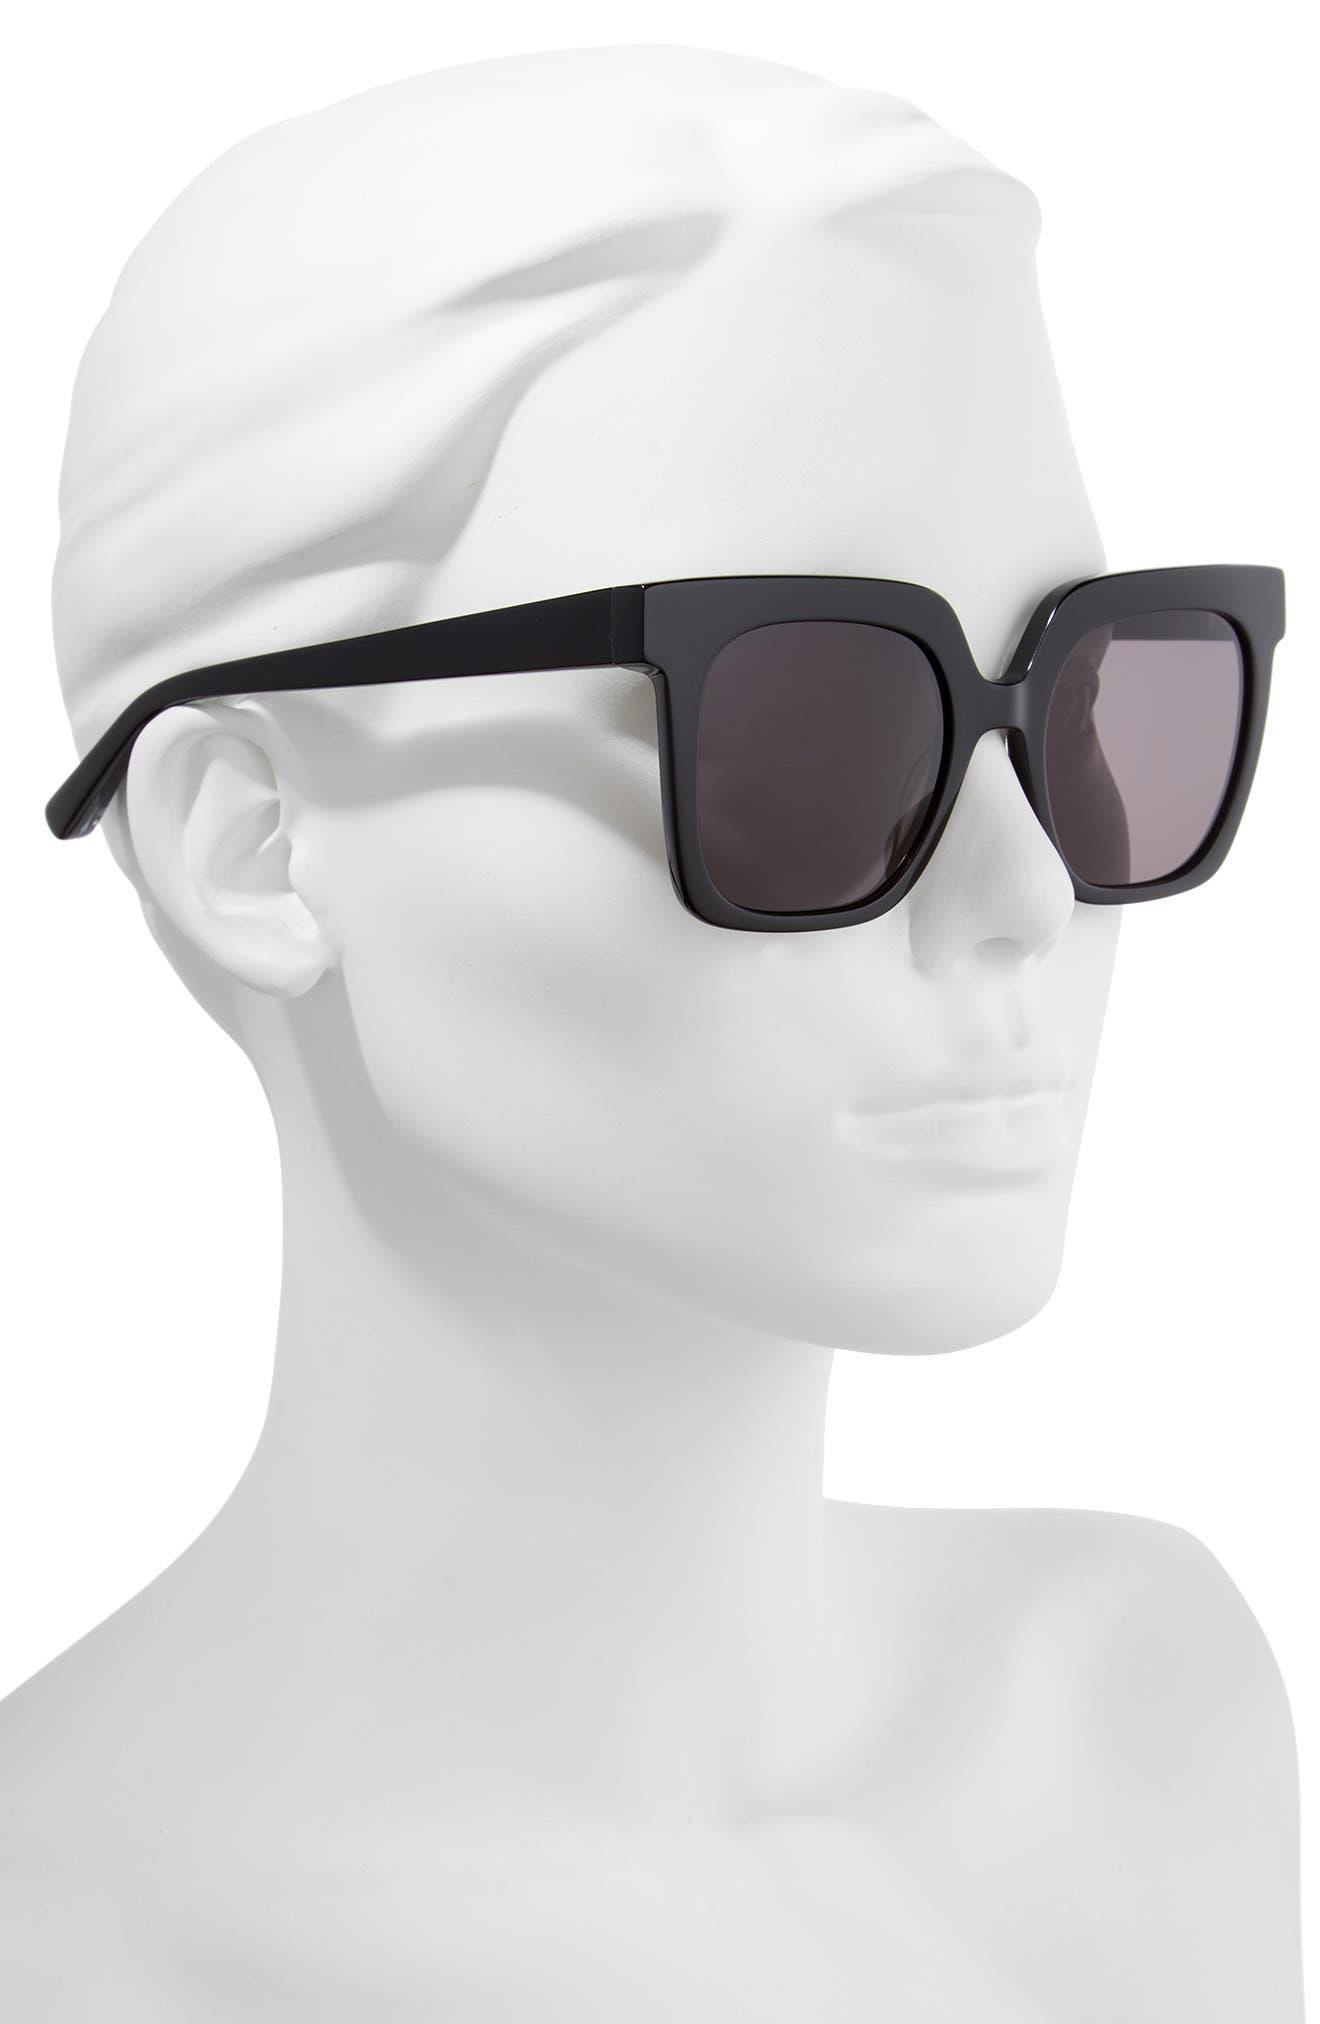 Rae 51mm Square Sunglasses,                             Alternate thumbnail 2, color,                             001